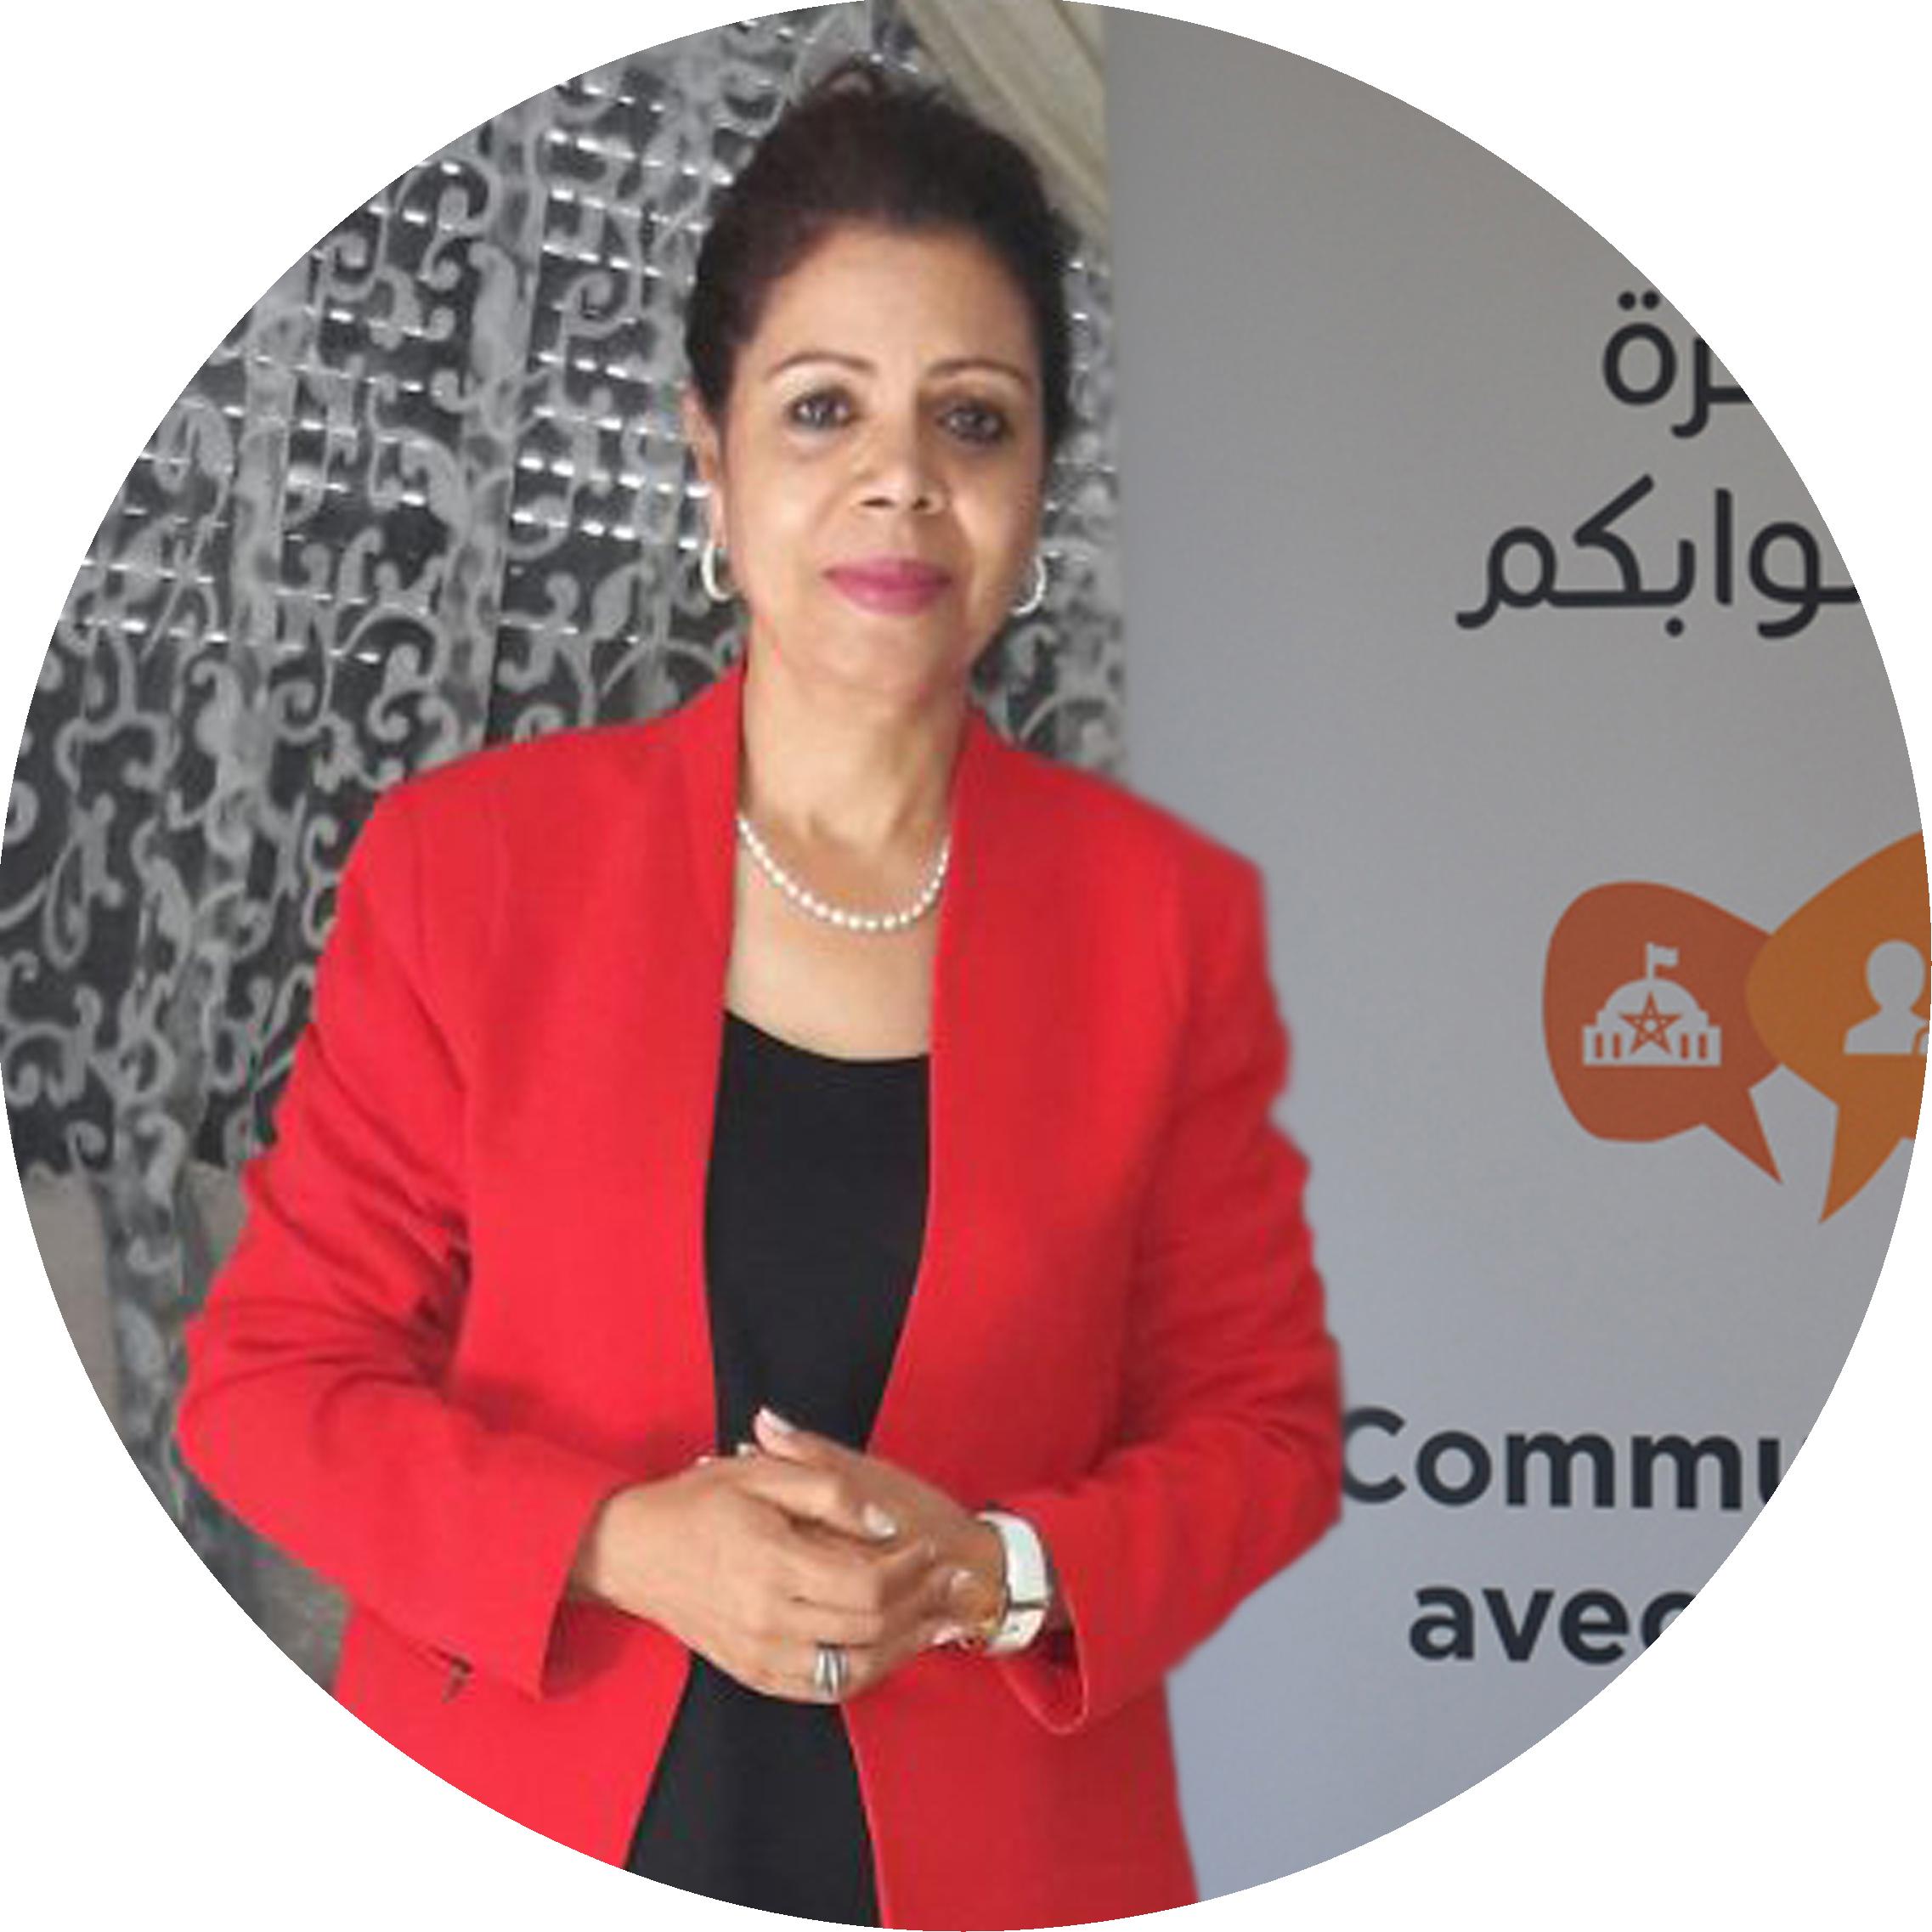 Touria Faraj